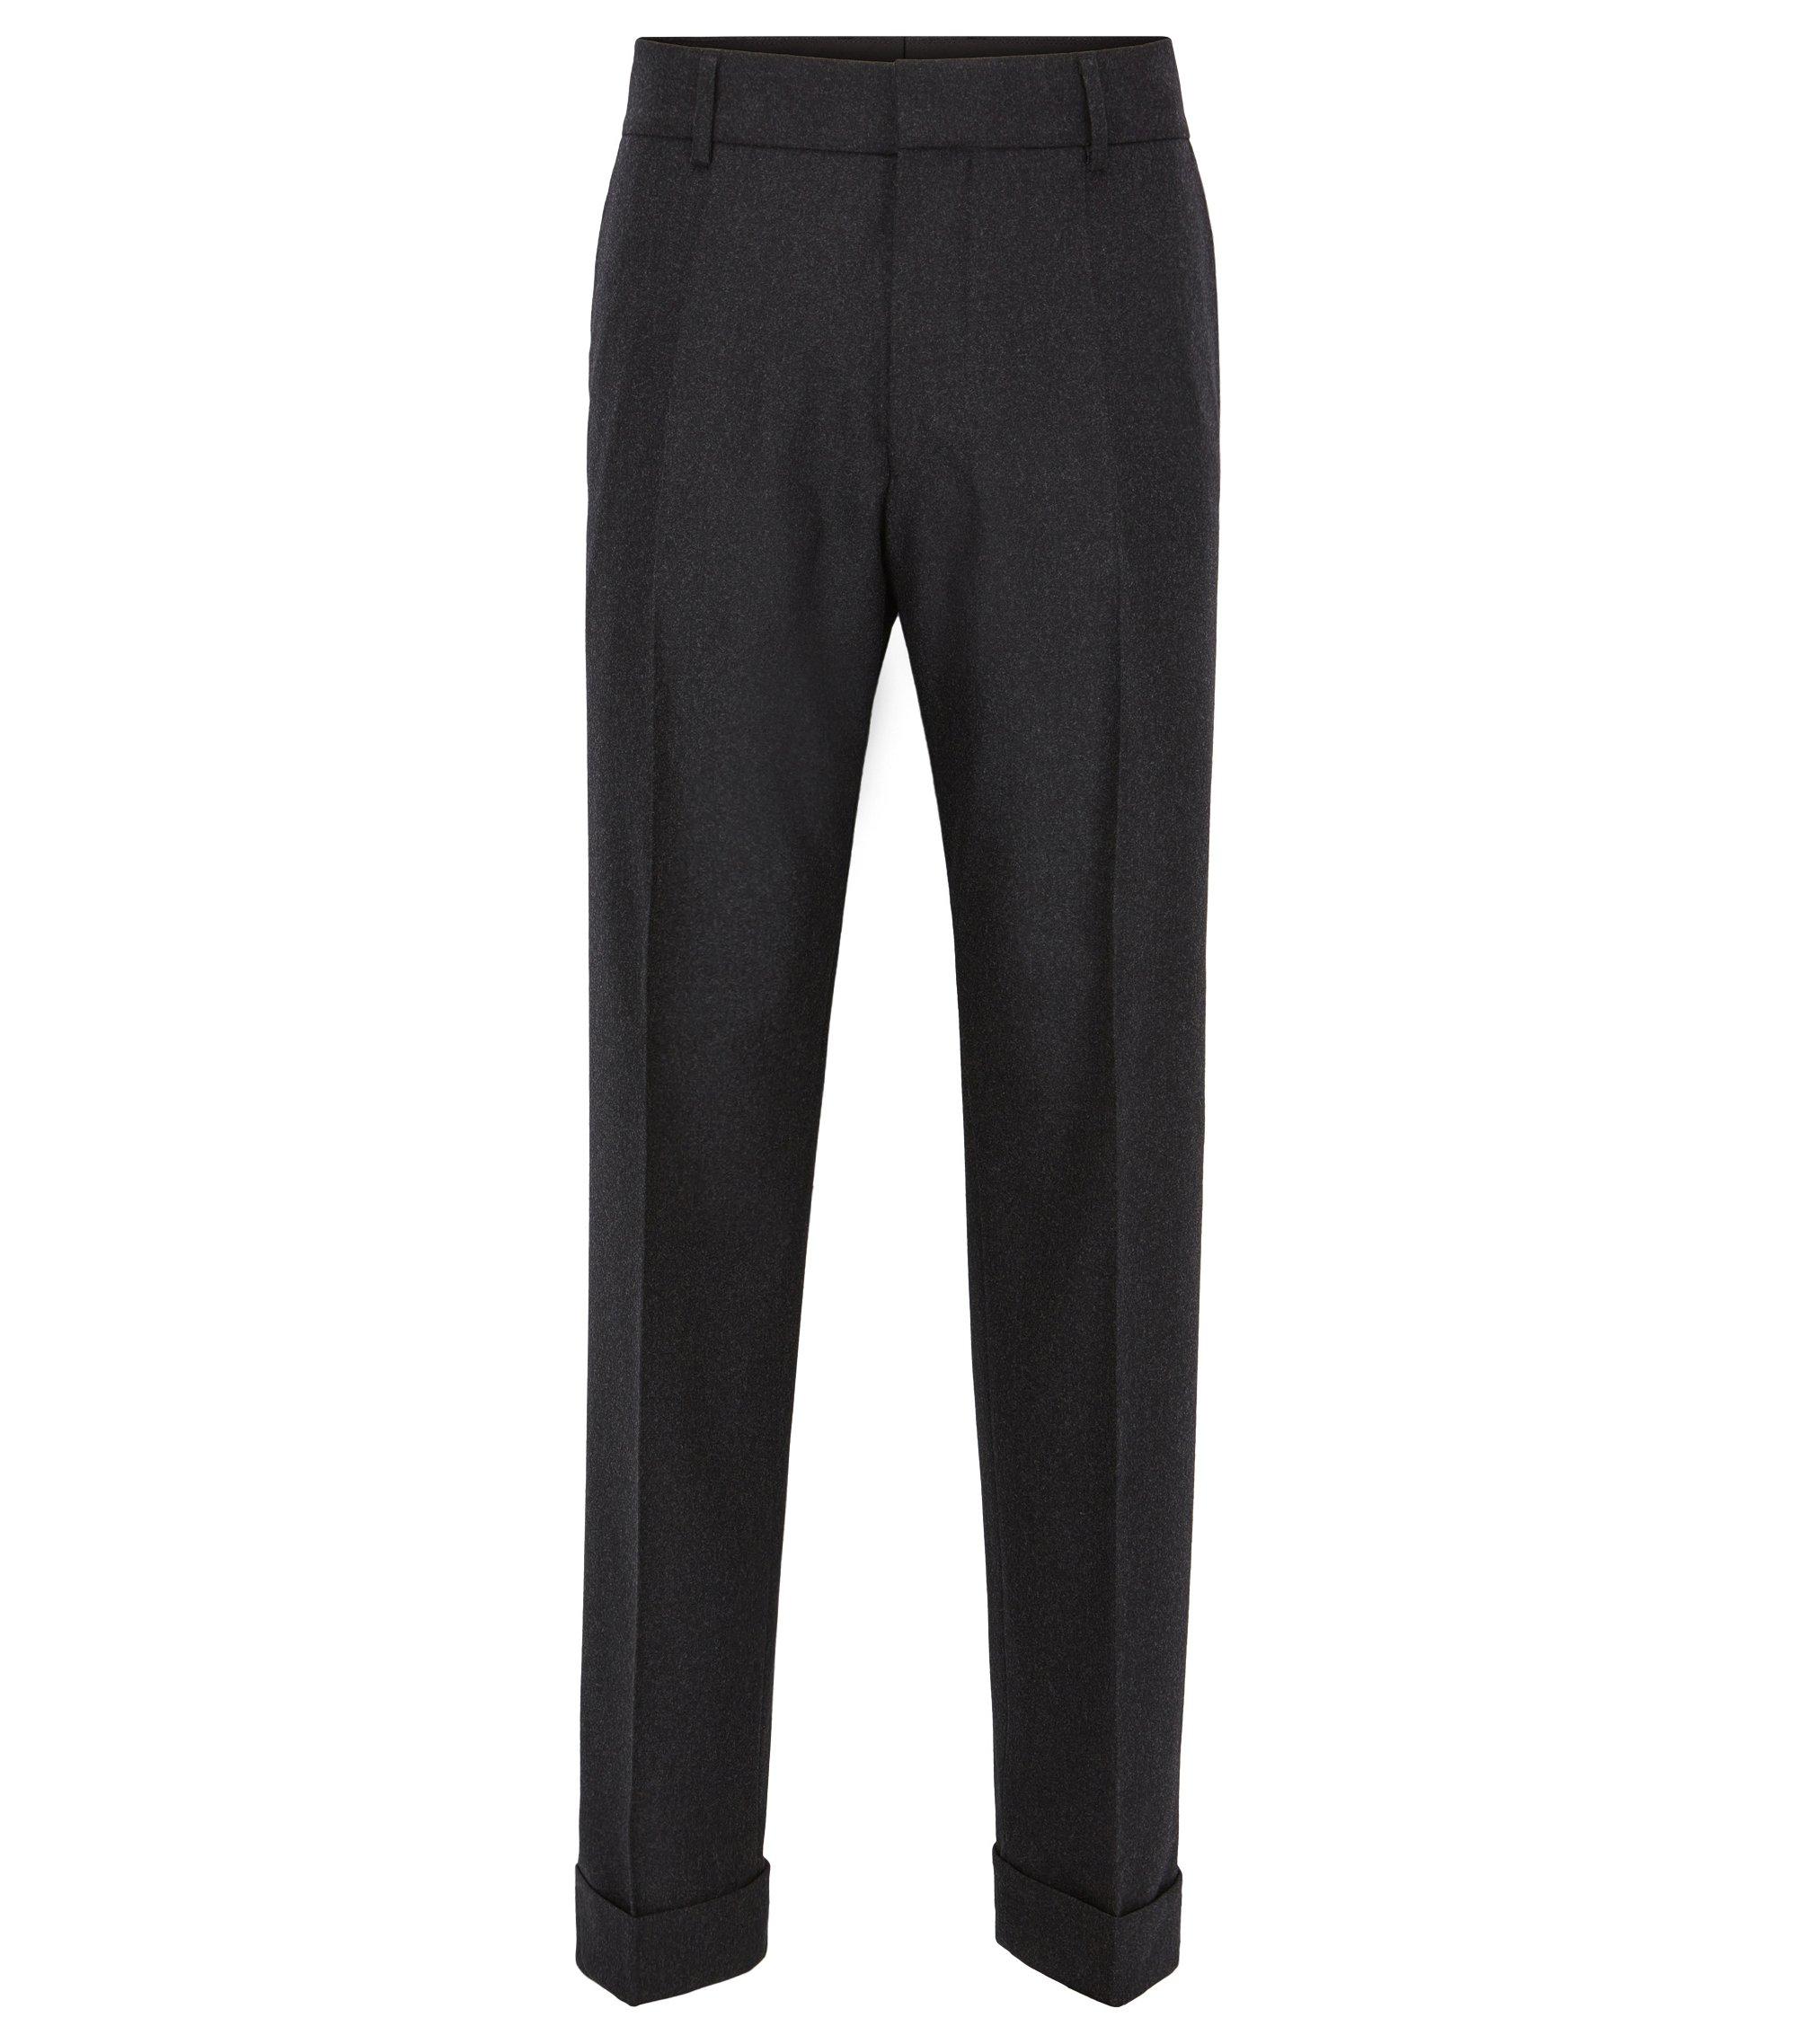 Oversized-fit broek met boorden aan de pijpen, van een wolmix met stretch, Donkergrijs